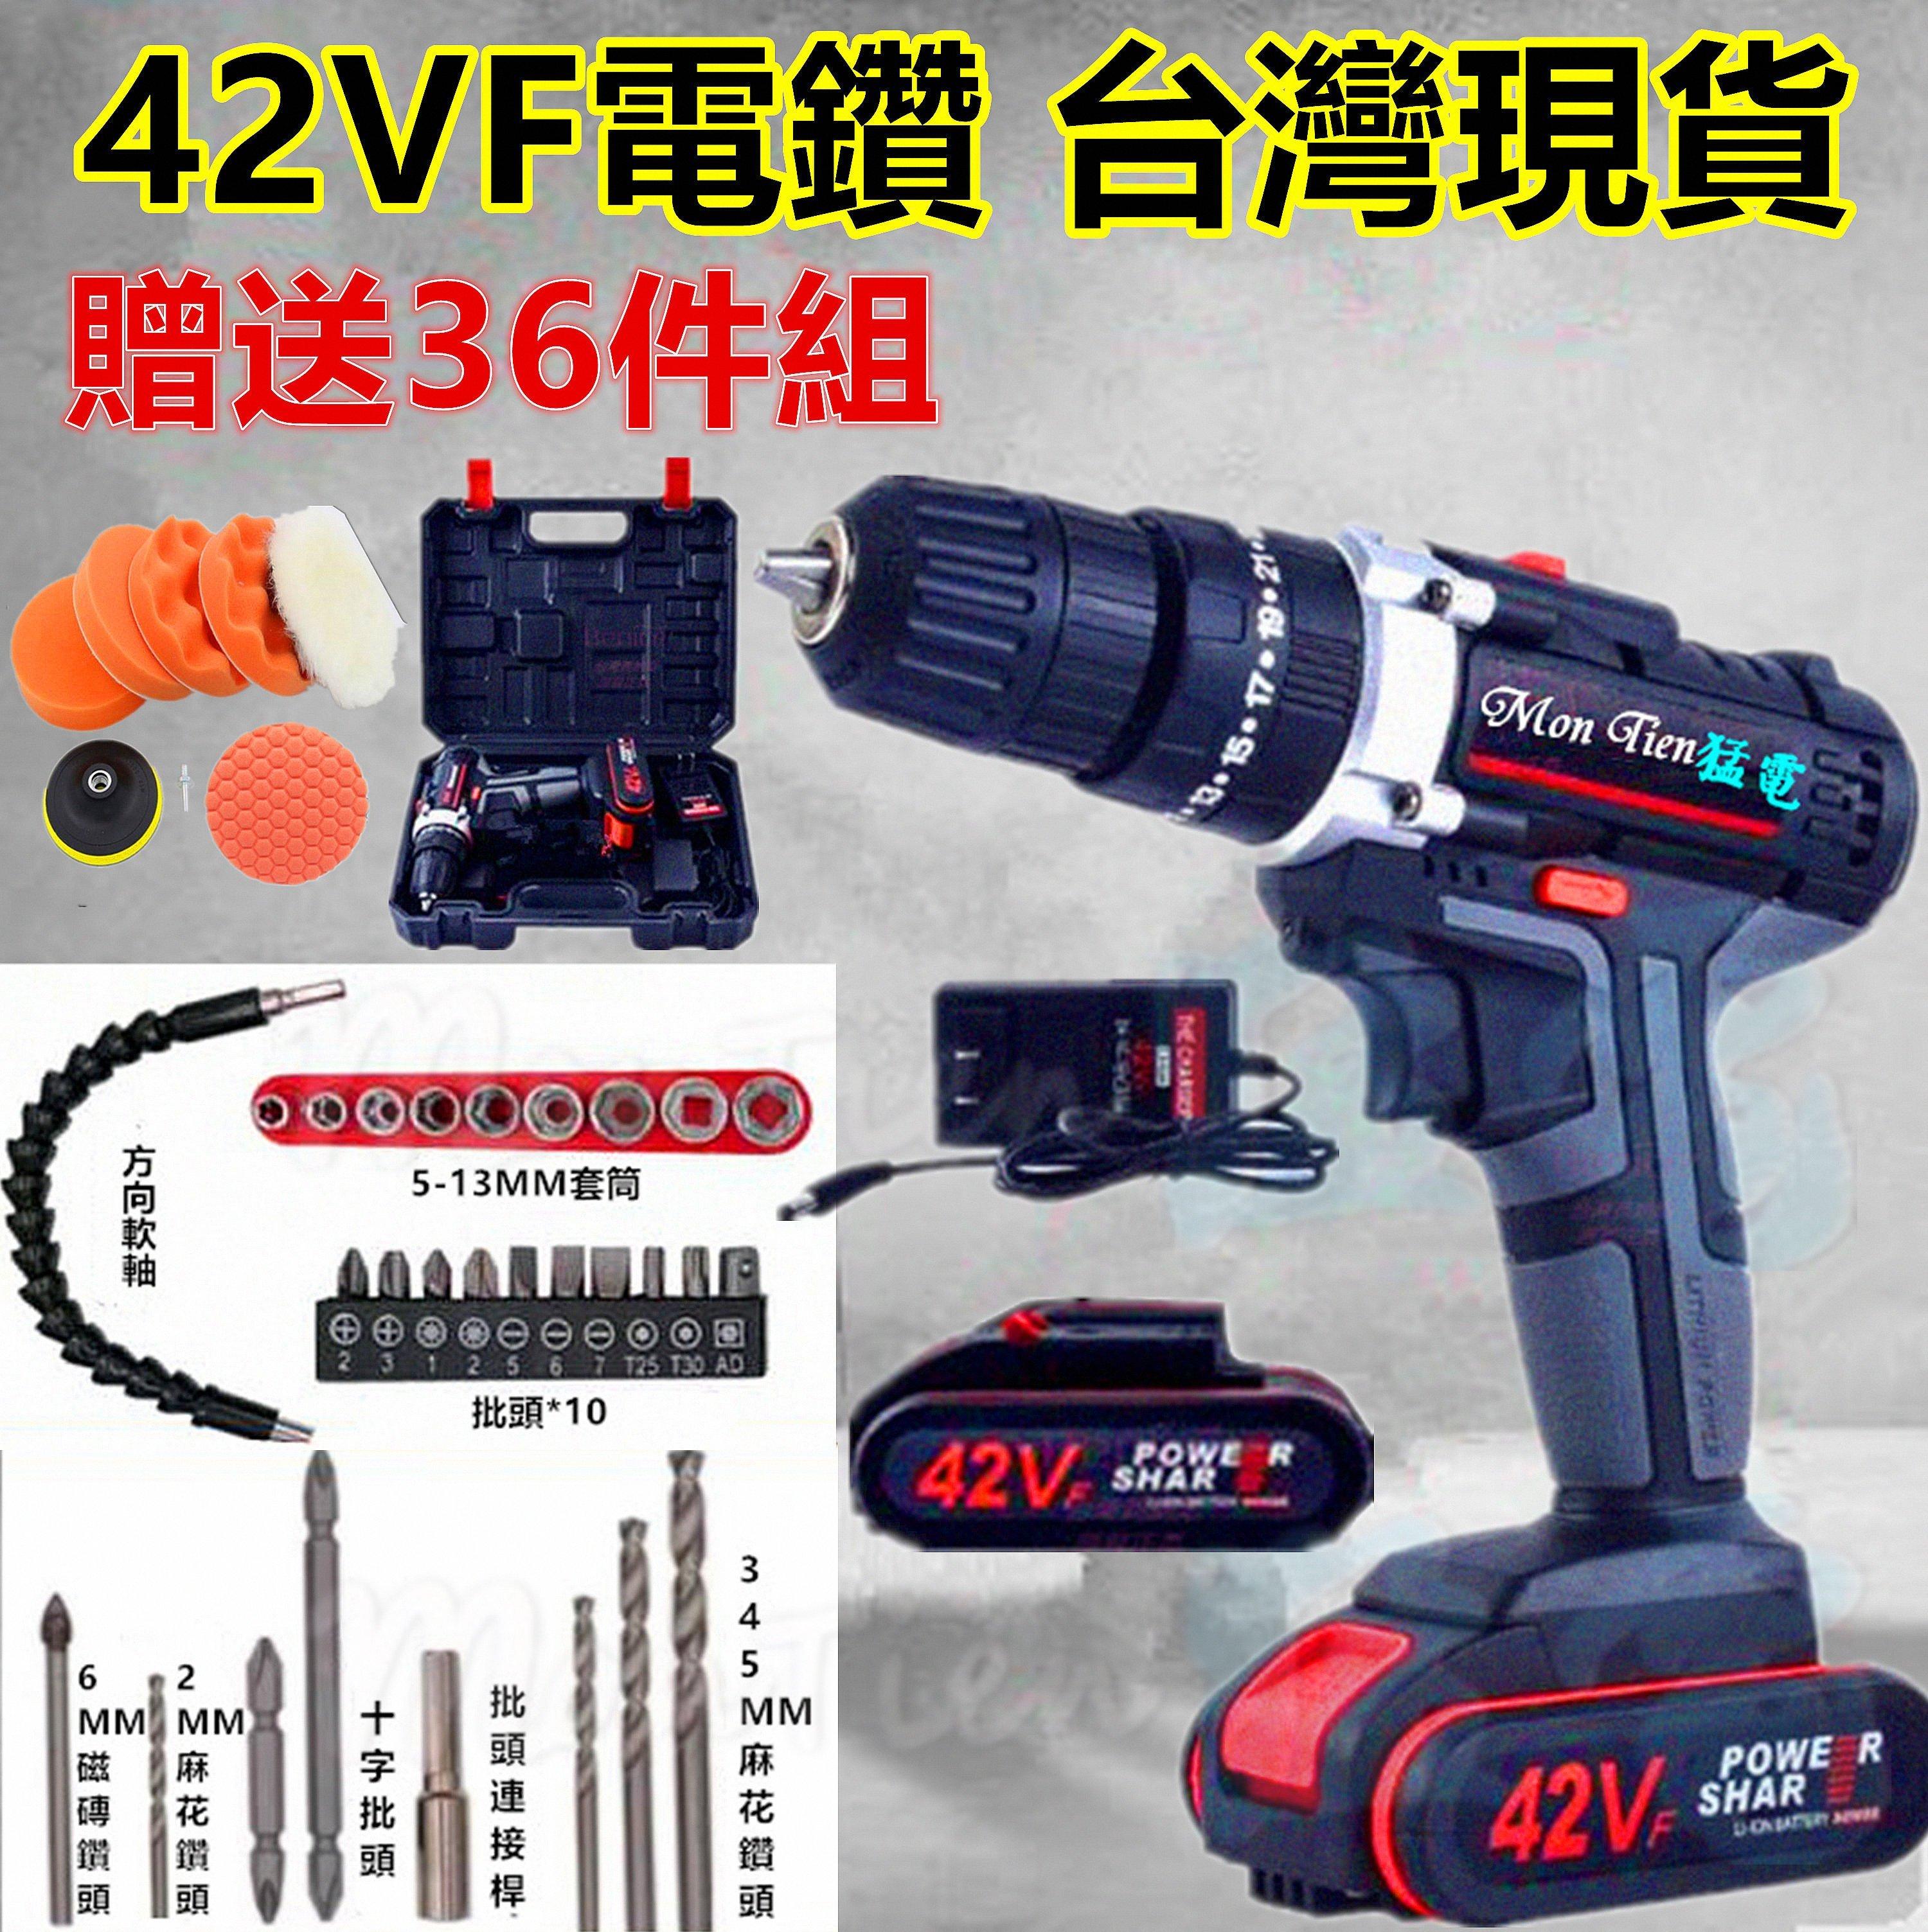 充電鑽 衝擊 42VF 雙速 錘鑽 修繕 贈36件 電動起子 CP值完勝 牧田 Bosch 日立 得偉 米沃奇